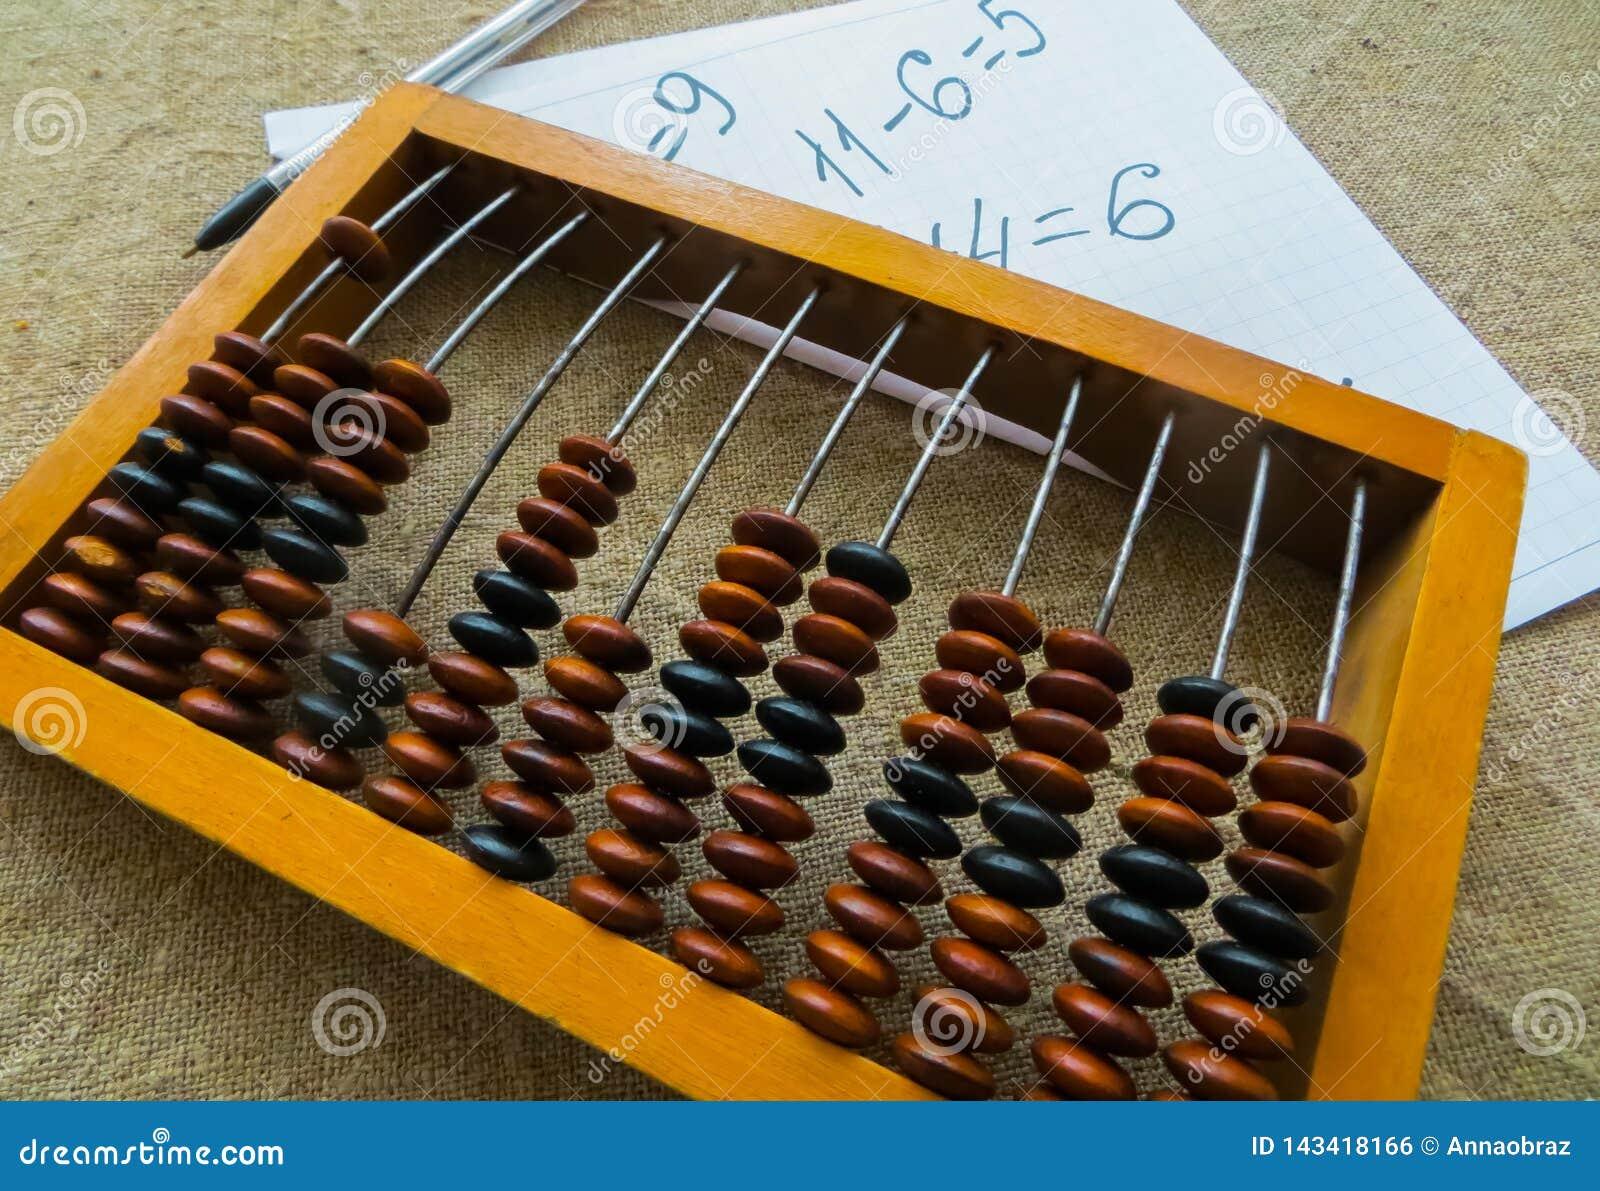 Stary abakus, z pomocą którego produkował wszystkie matematycznie obliczenia po środku zeszłego wieka